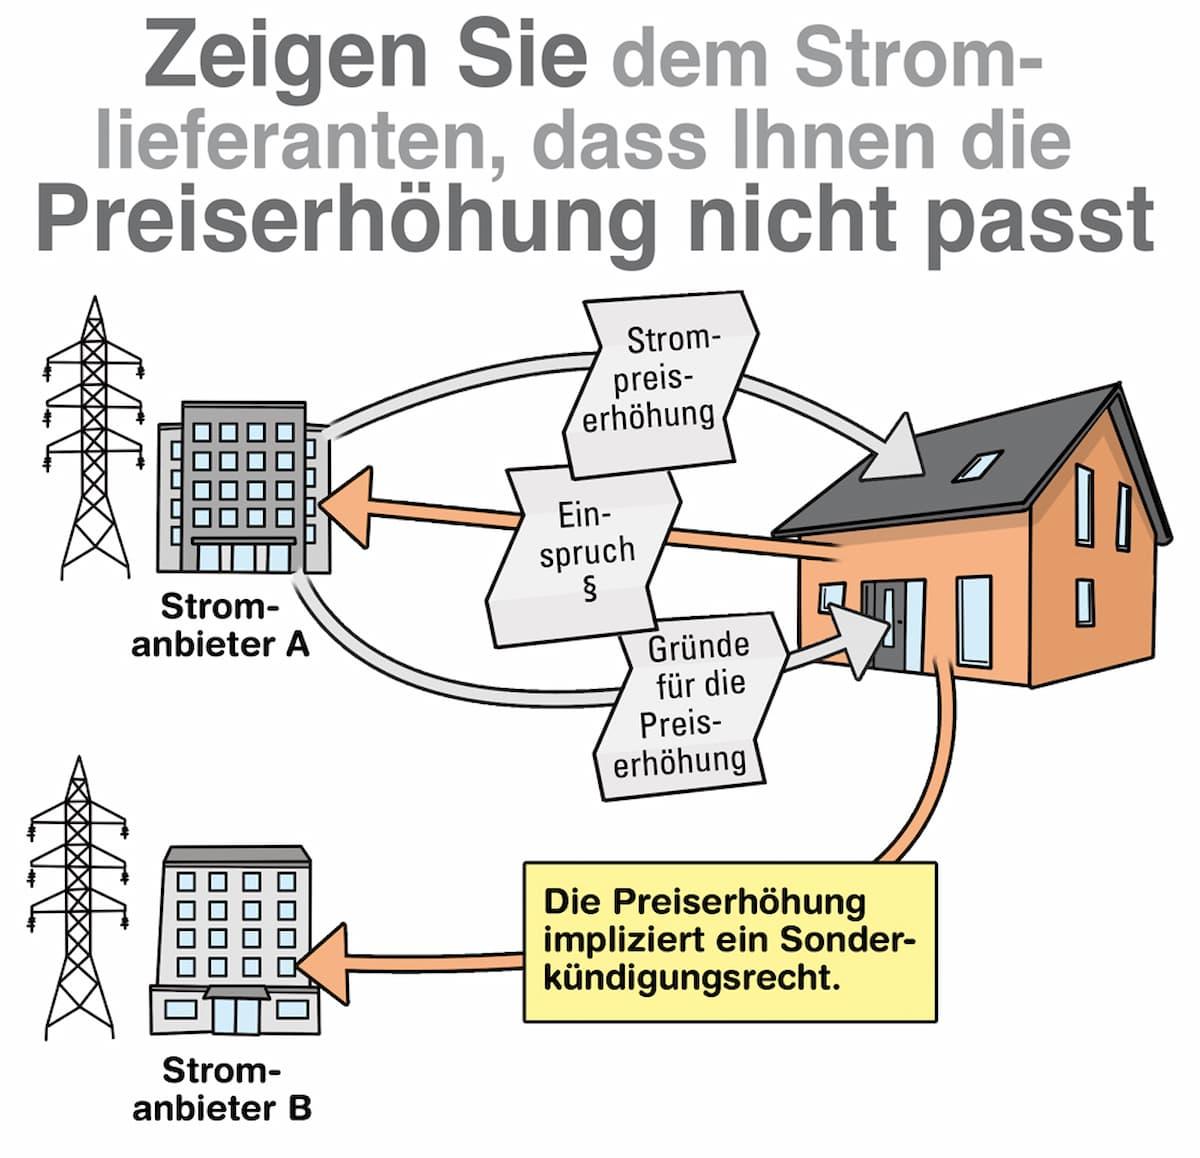 Zeigen Sie dem Stromanbieter, dass Sie mit der Preiserhöhung nicht einverstanden sind